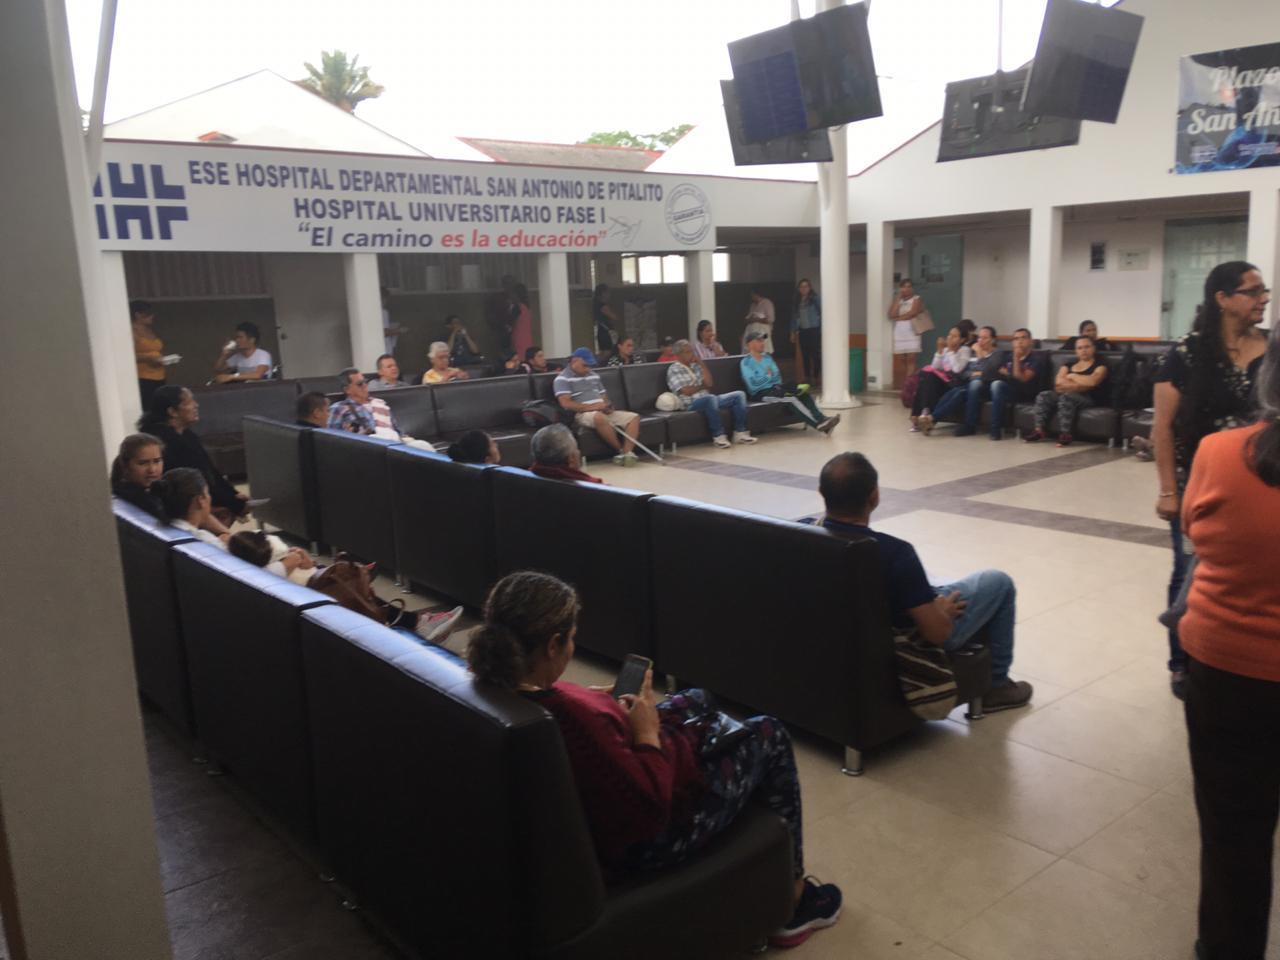 Sala de espera del hospital San Antonio de Pitalito (Huila)